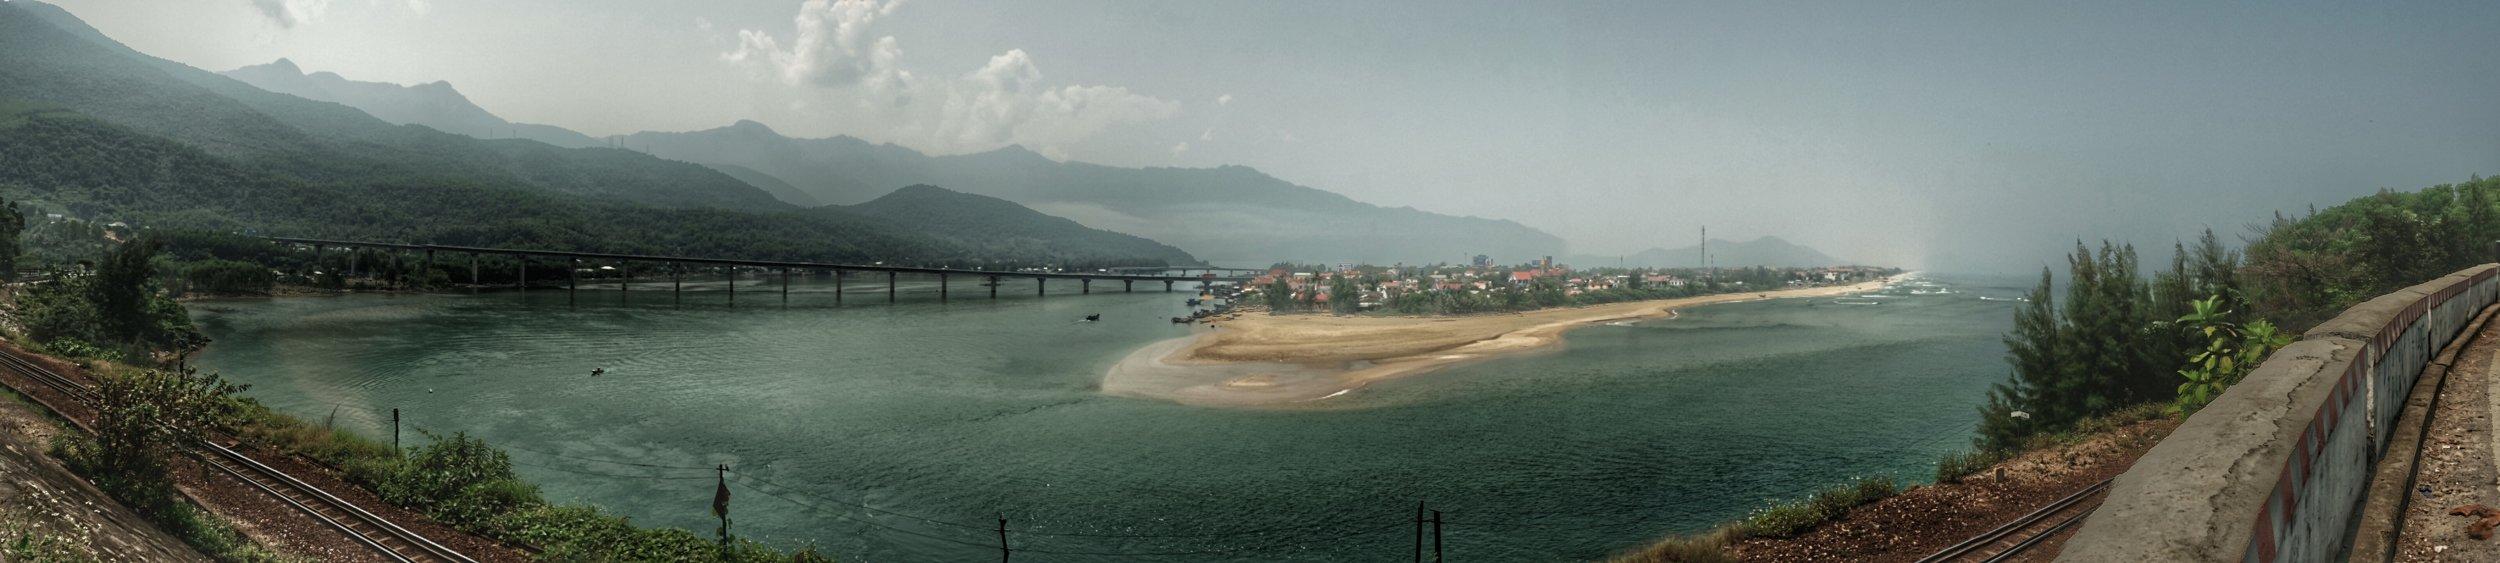 The View fromHải Vân pass.